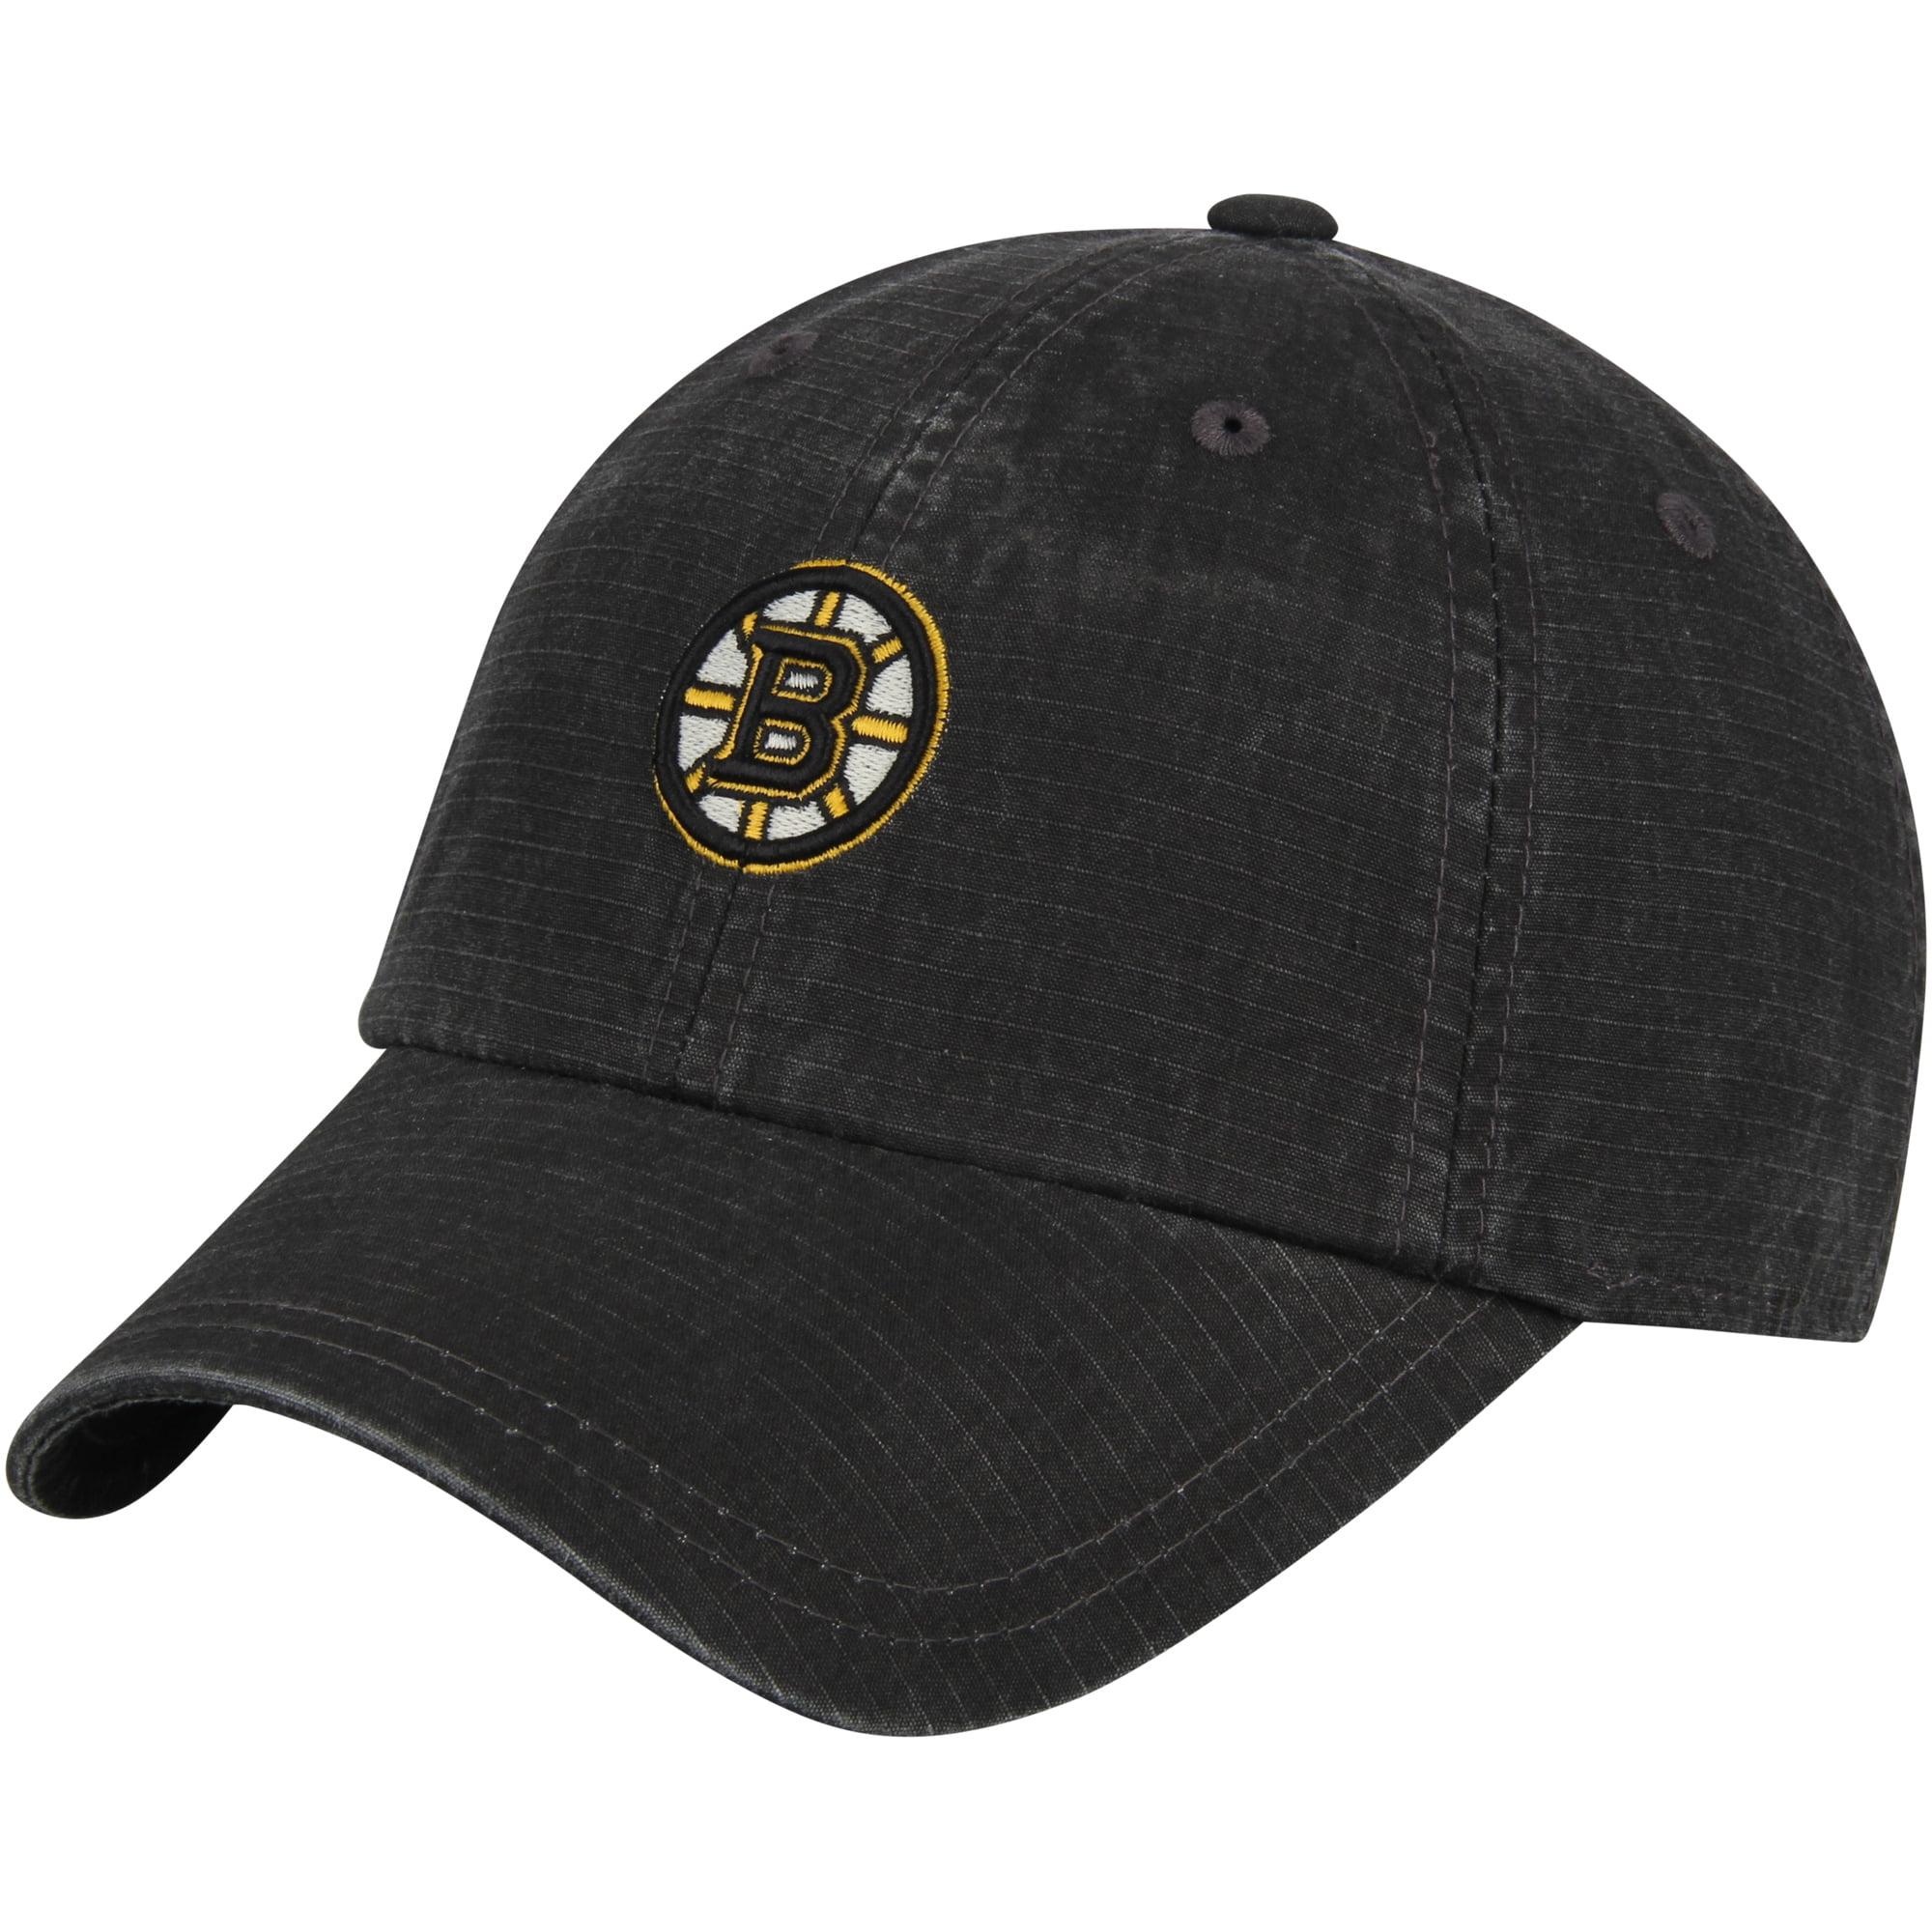 Boston Bruins American Needle Conway Ripstop Adjustable Hat - Black - OSFA